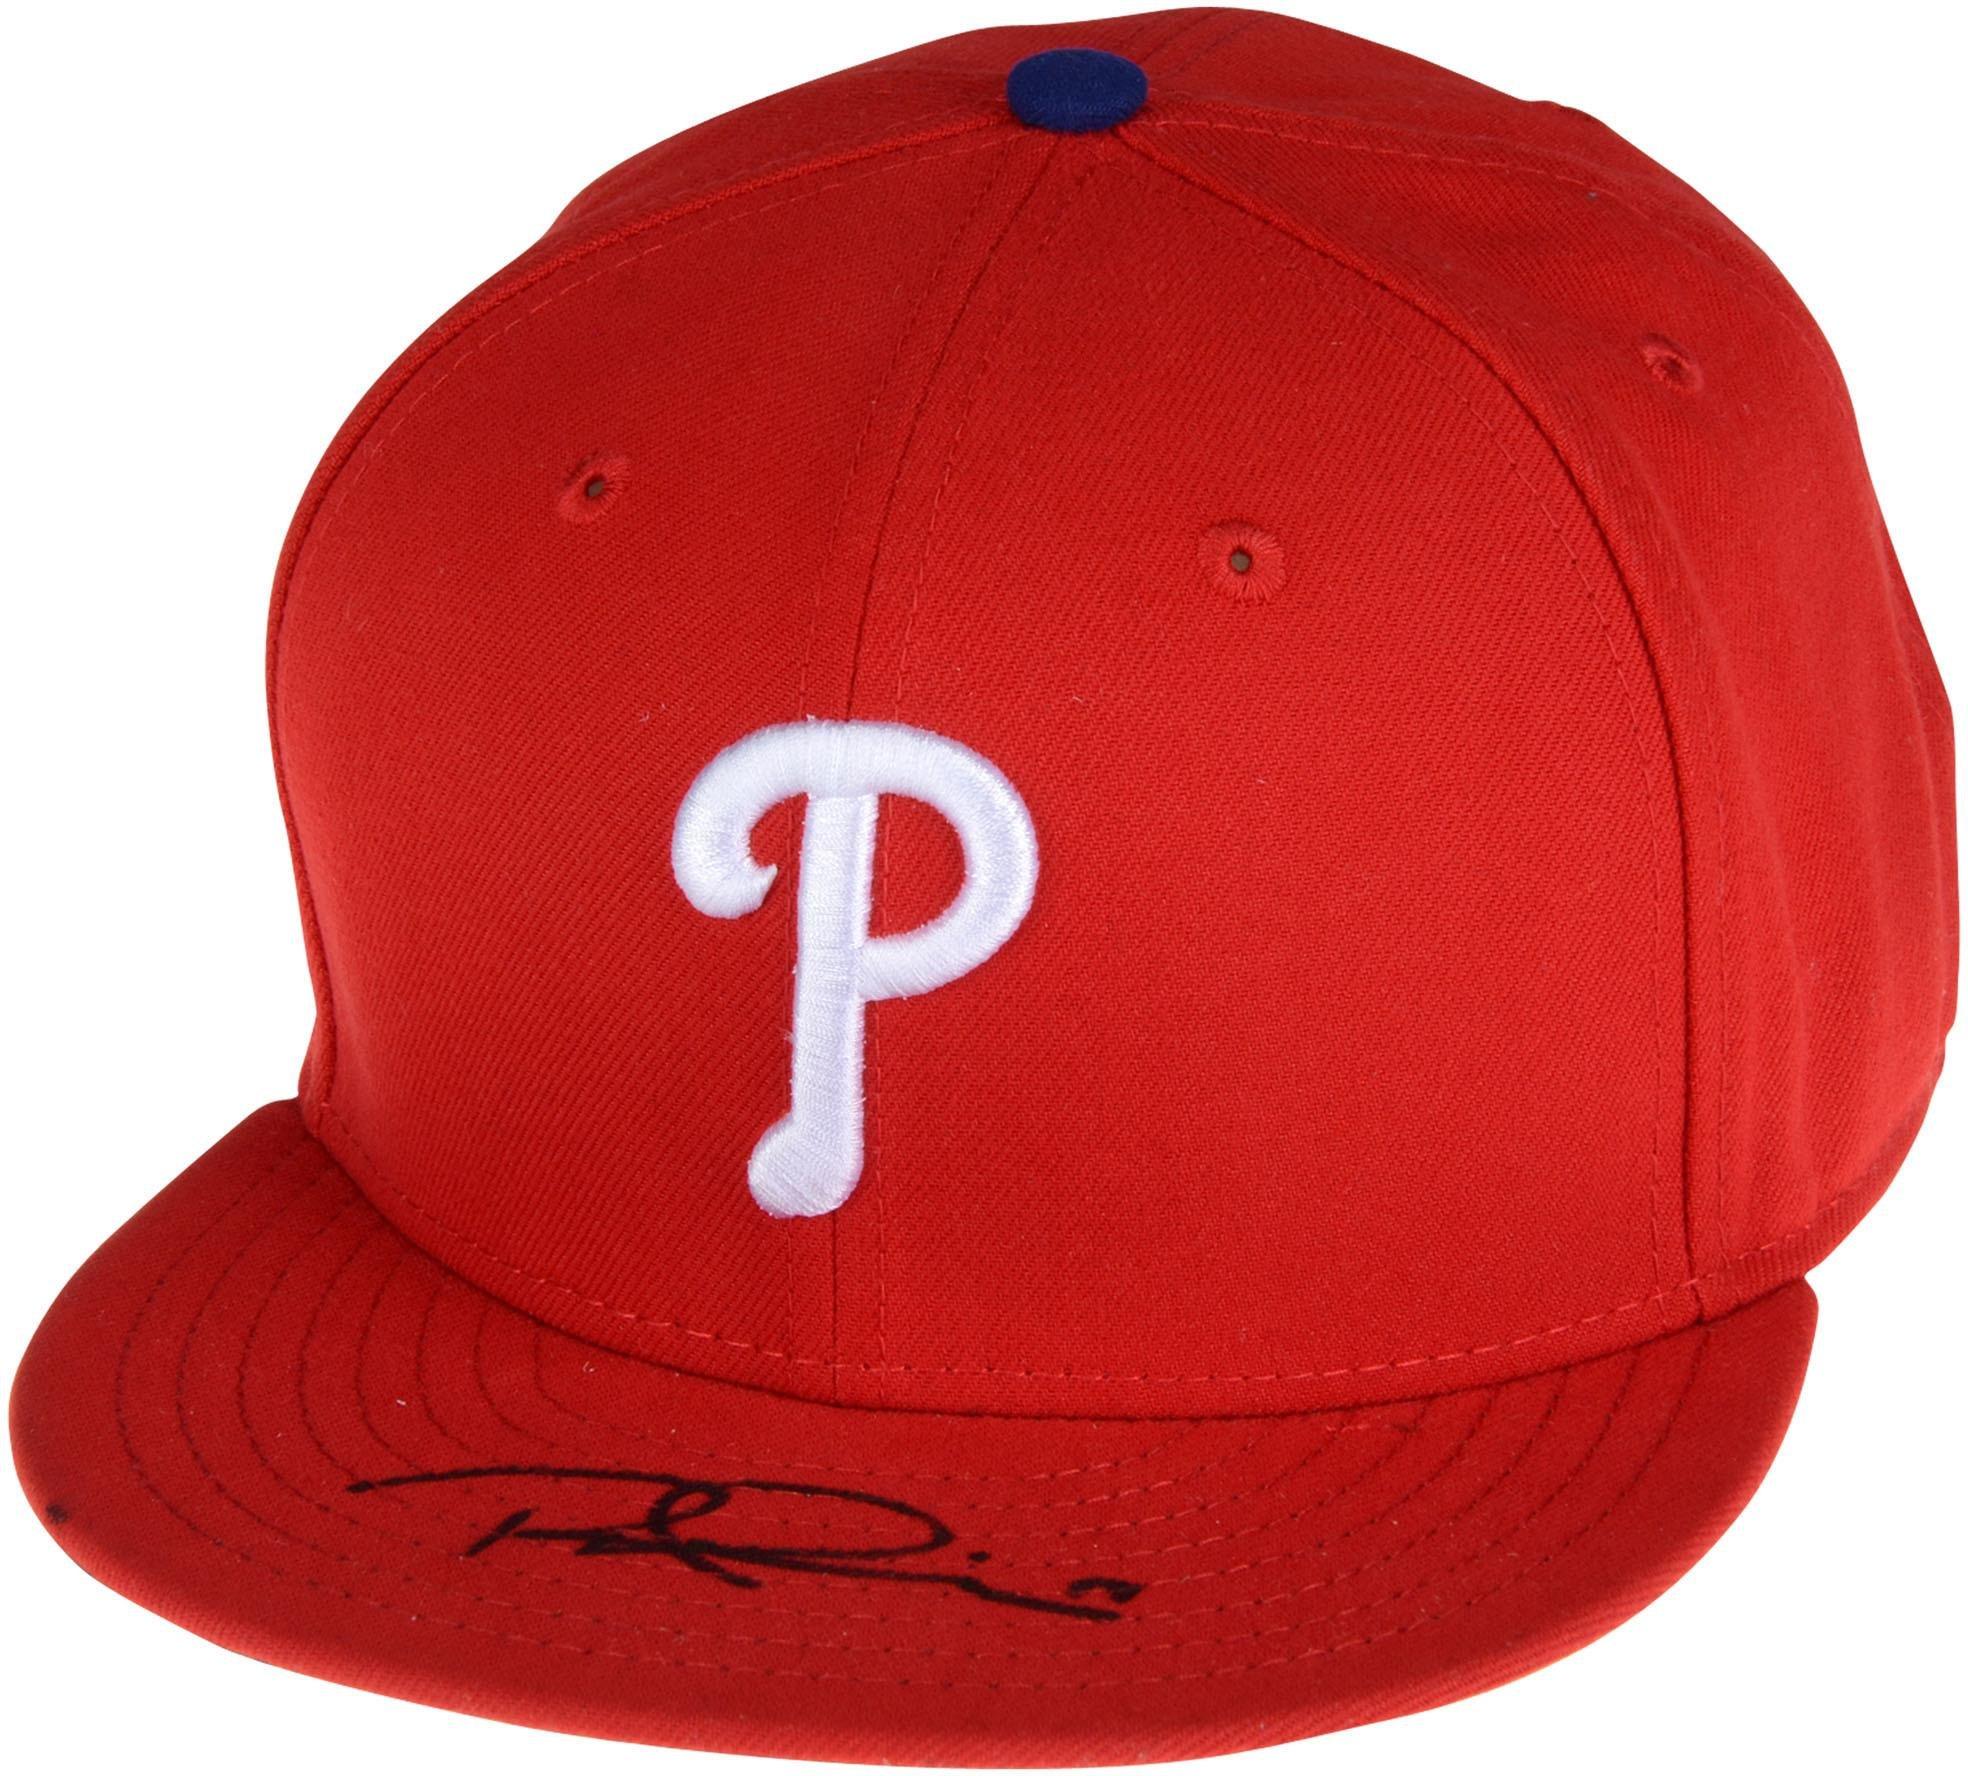 Rhys Hoskins Philadelphia Phillies Autographed New Era Cap Fanatics Authentic Certified Autographed Hats